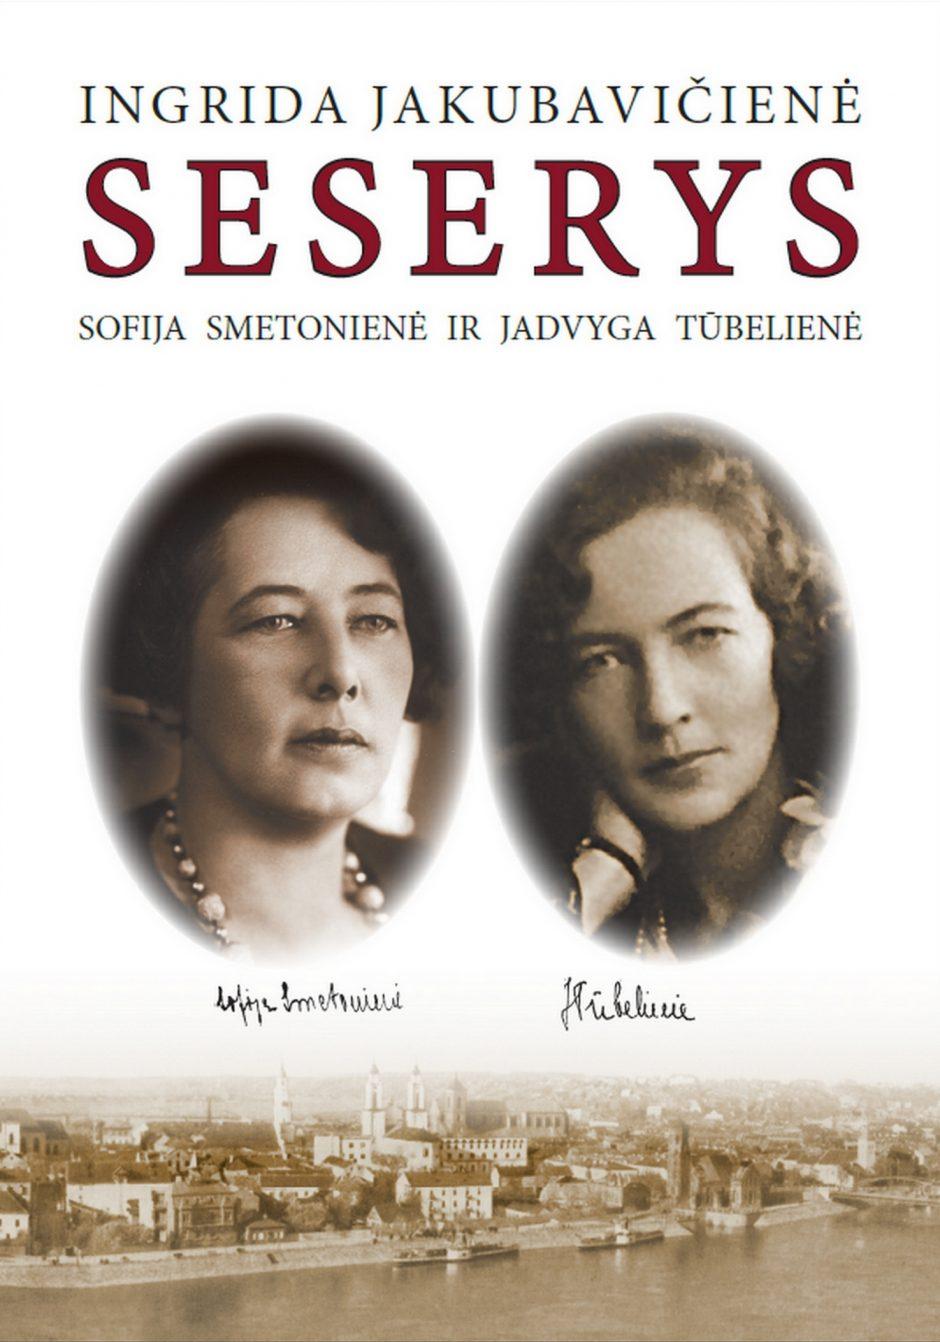 Ką atskleidžia knyga apie dvi garsias seseris – S. Smetonienę ir J. Tūbelienę?